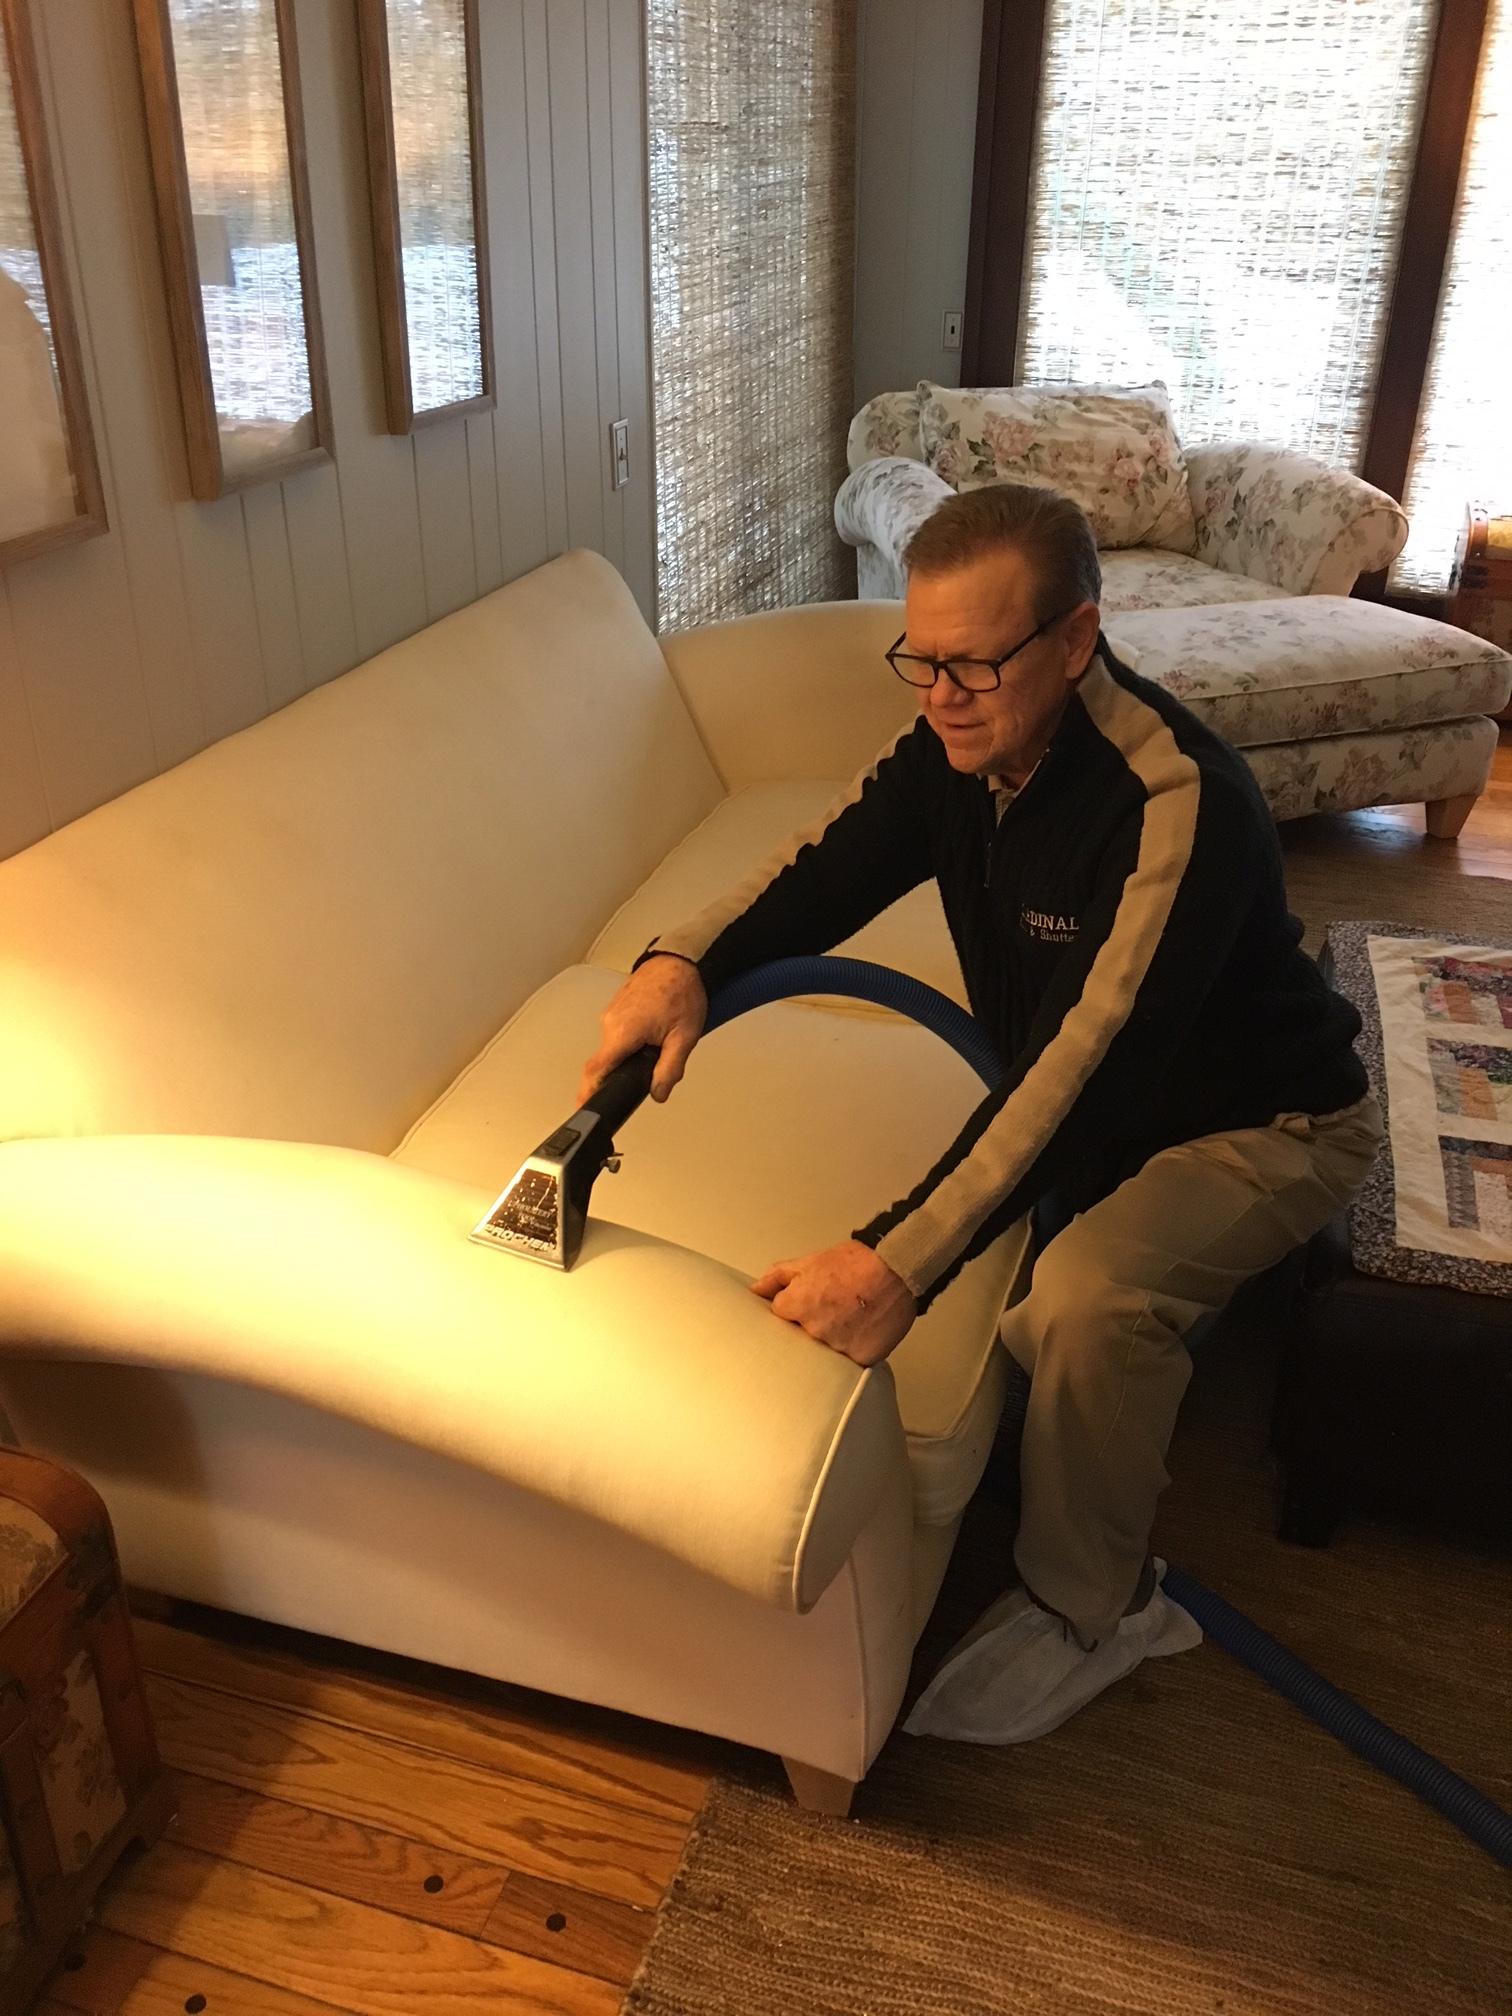 mattress-2489615_1280-1.jpg